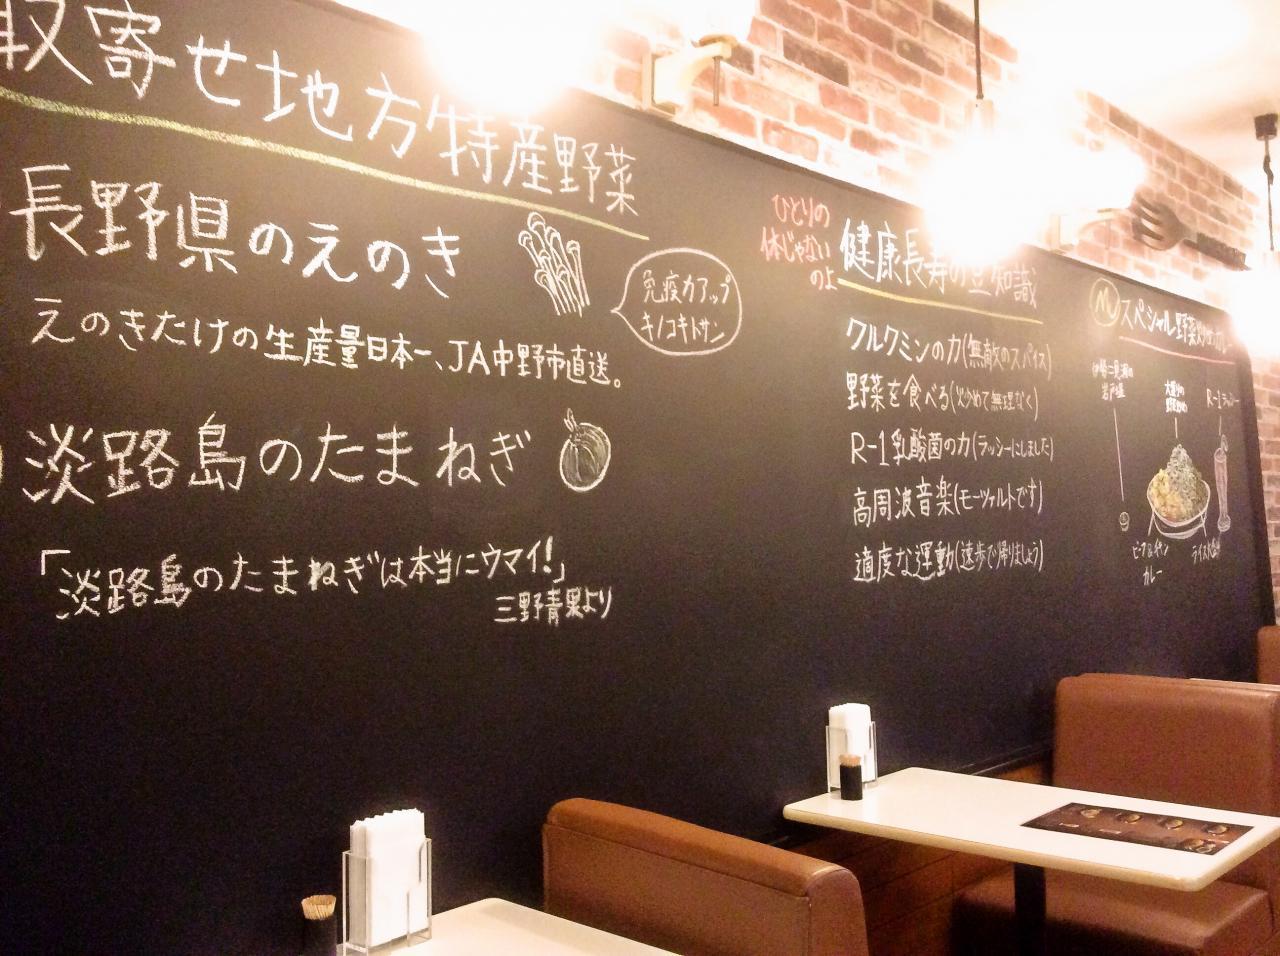 みぼうじんカレー(店内)